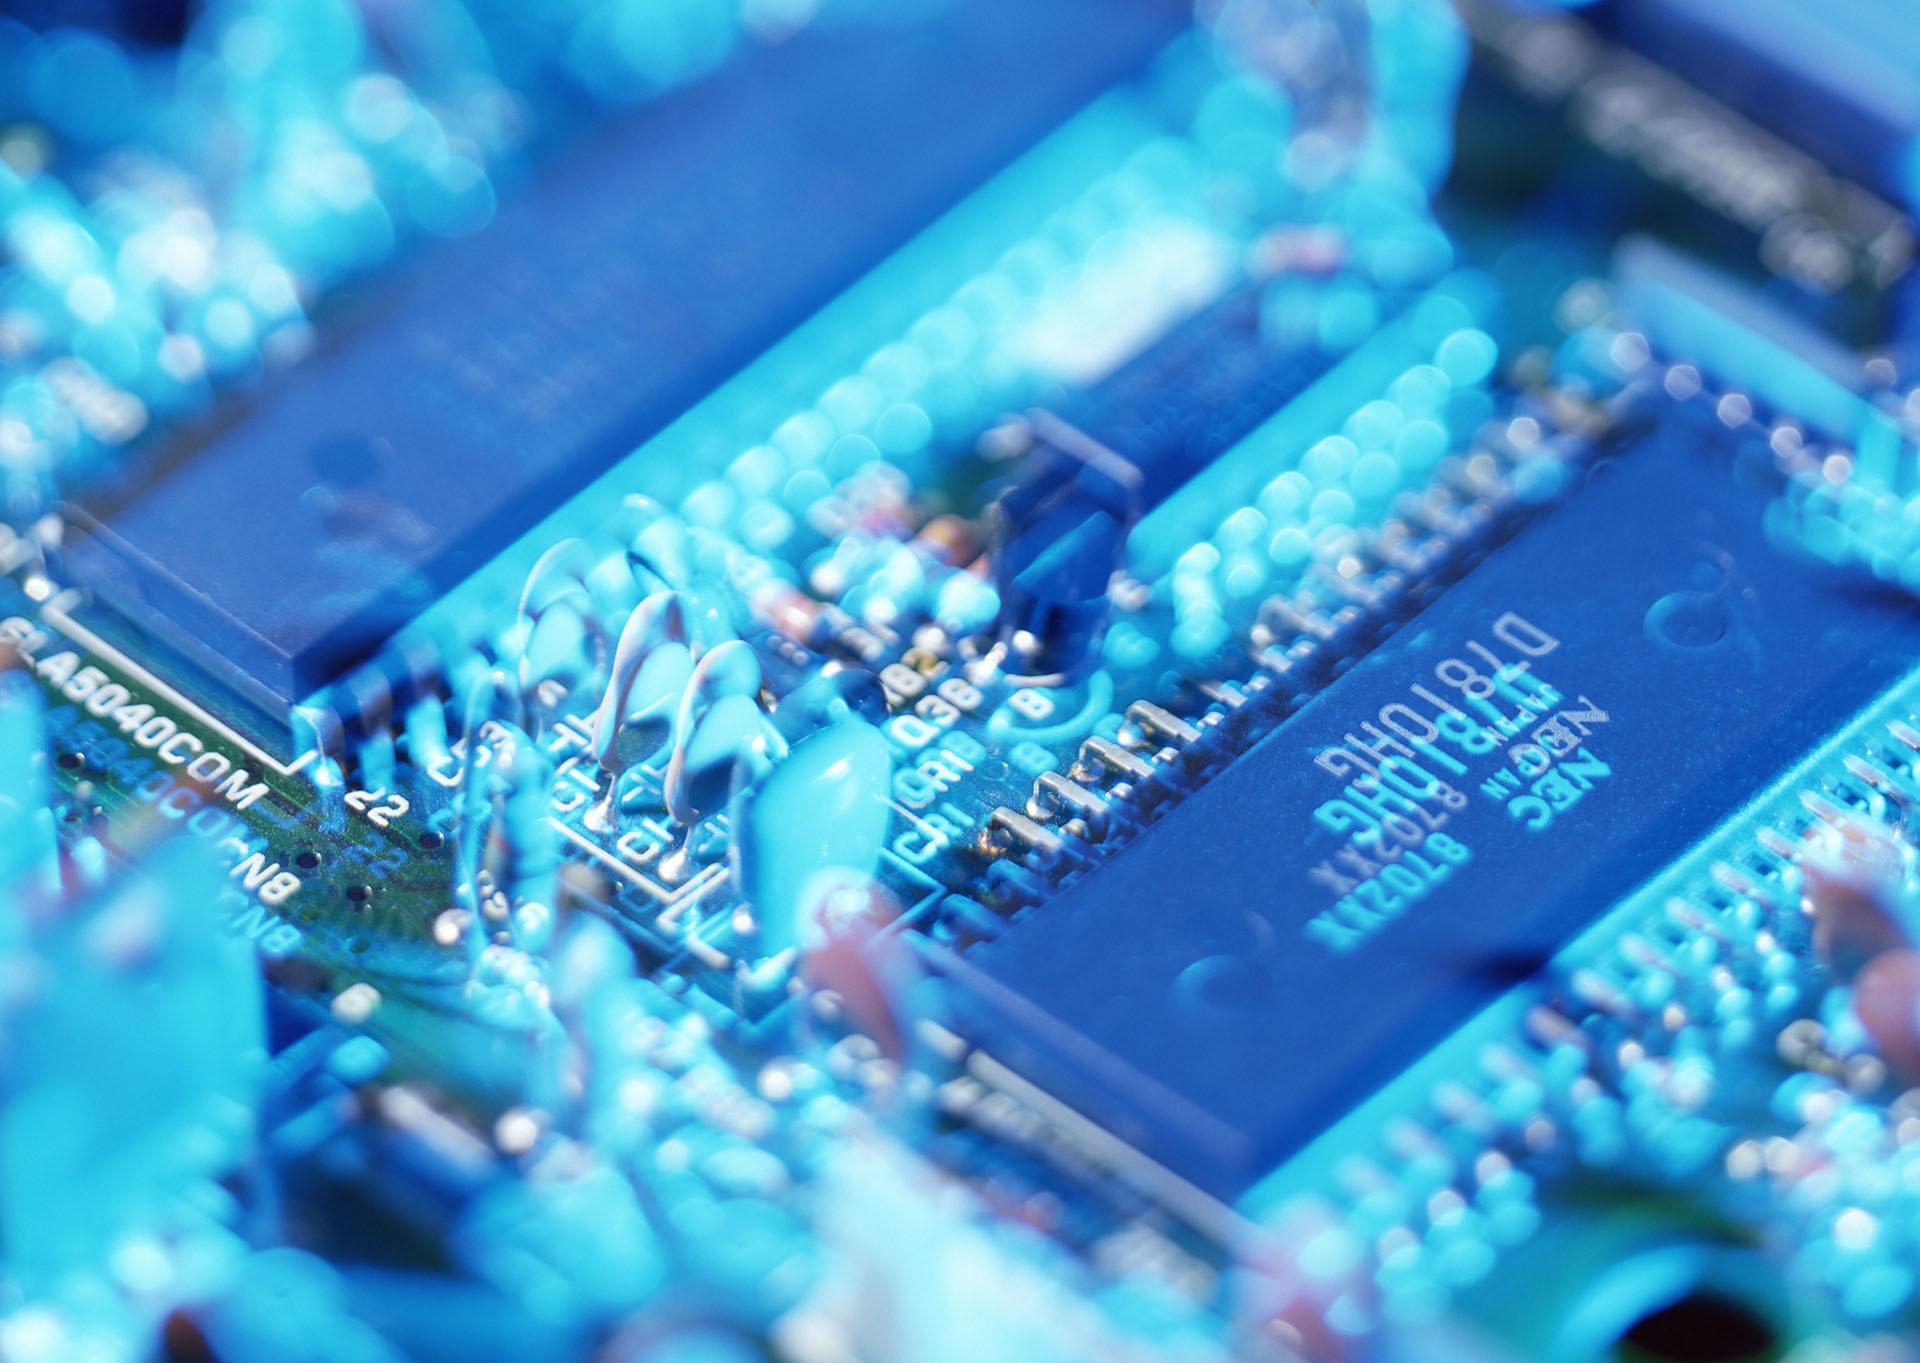 投建大硅片项目对我国集成电路产业的意义主要在于上游(原材料端)的